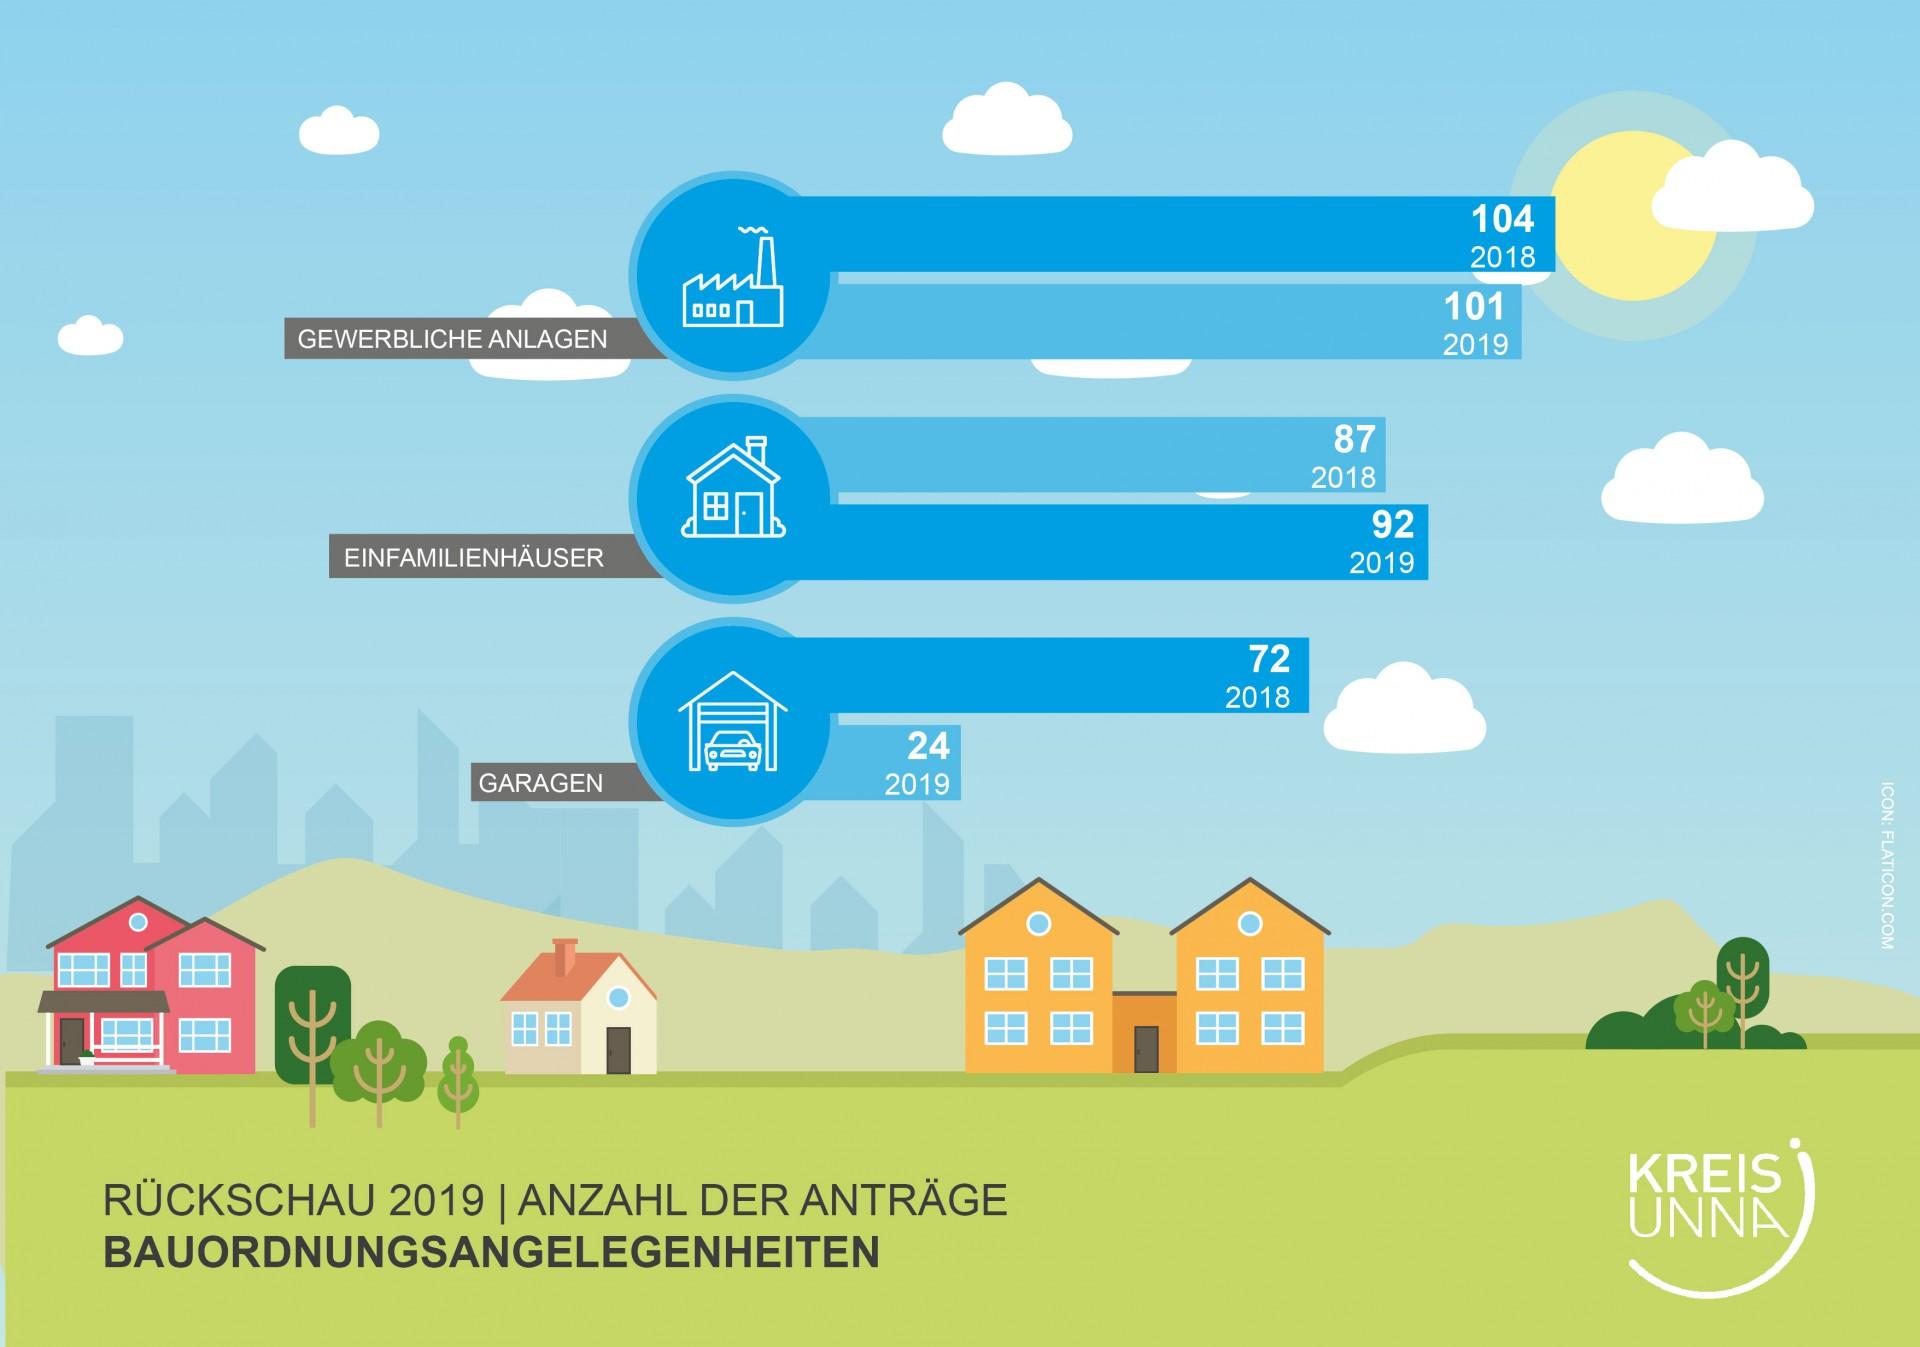 https://www.presse-service.de/data.aspx/medien/214184P.pdf